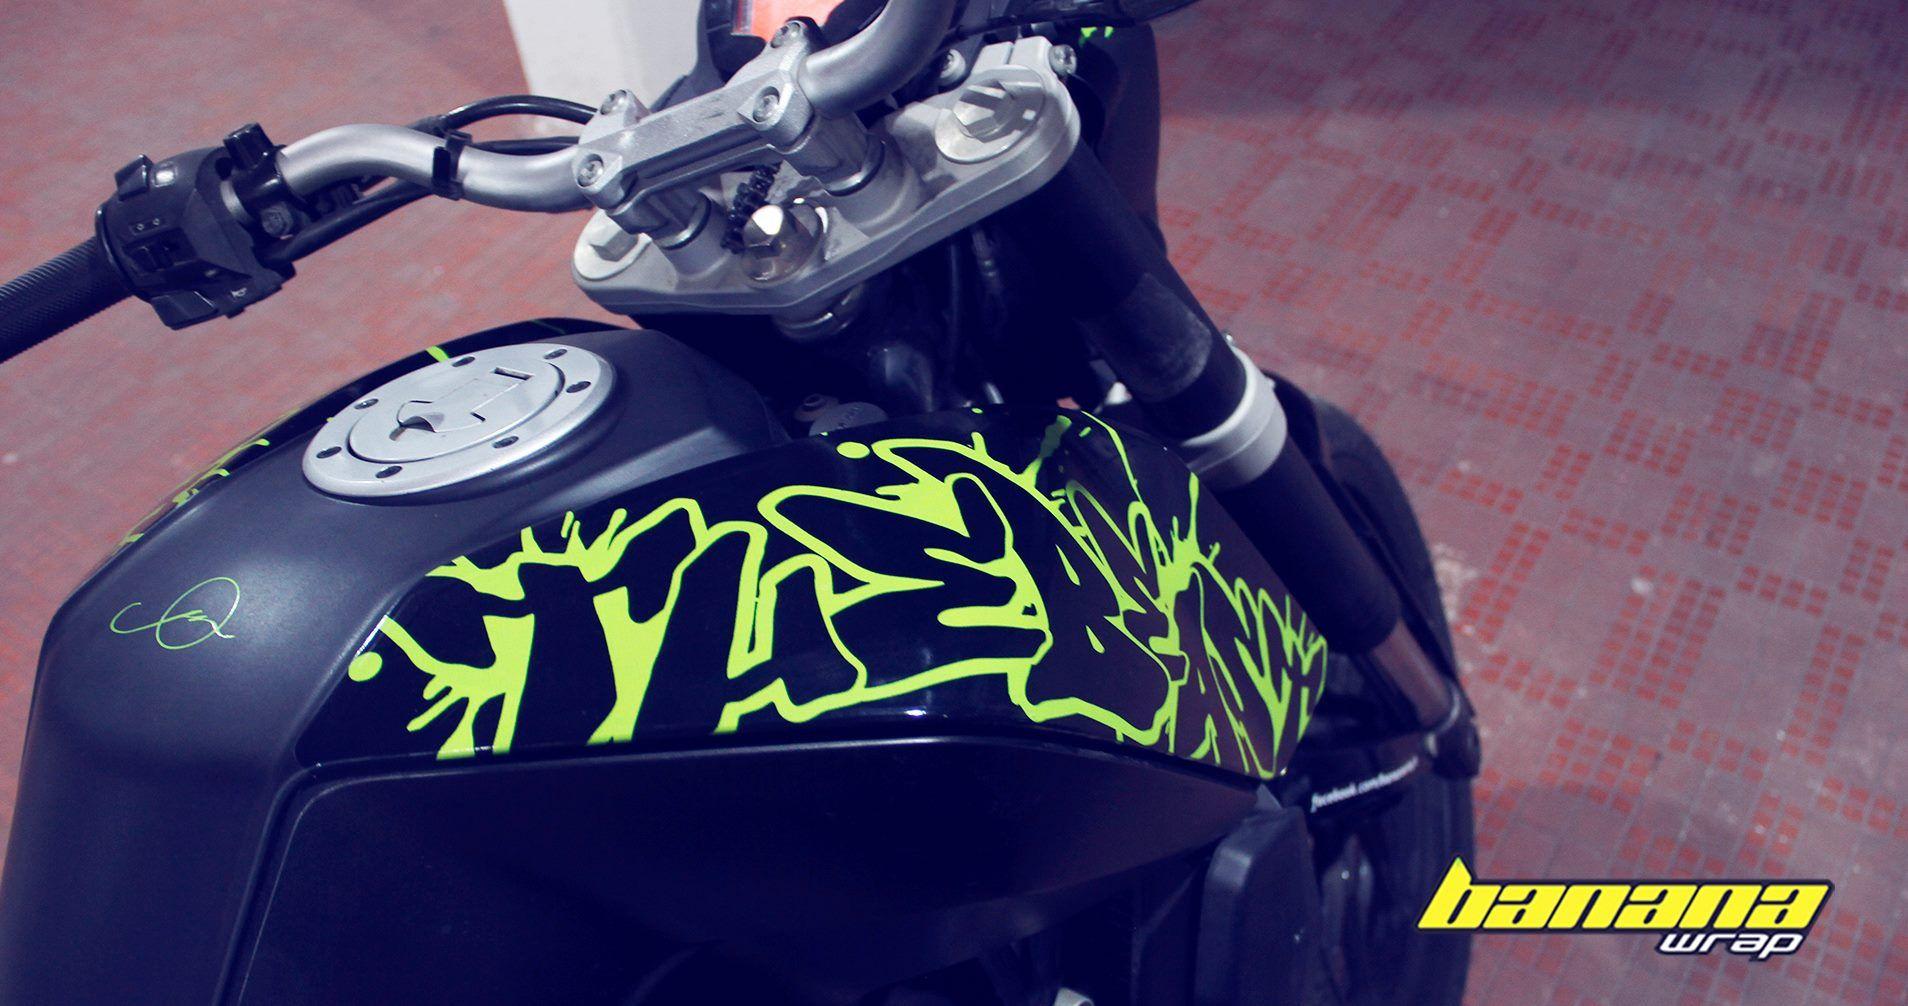 Matte Black Vinyl Wrap Motorcycle Vinyl Wrap Pinterest - Vinyl for motorcycles